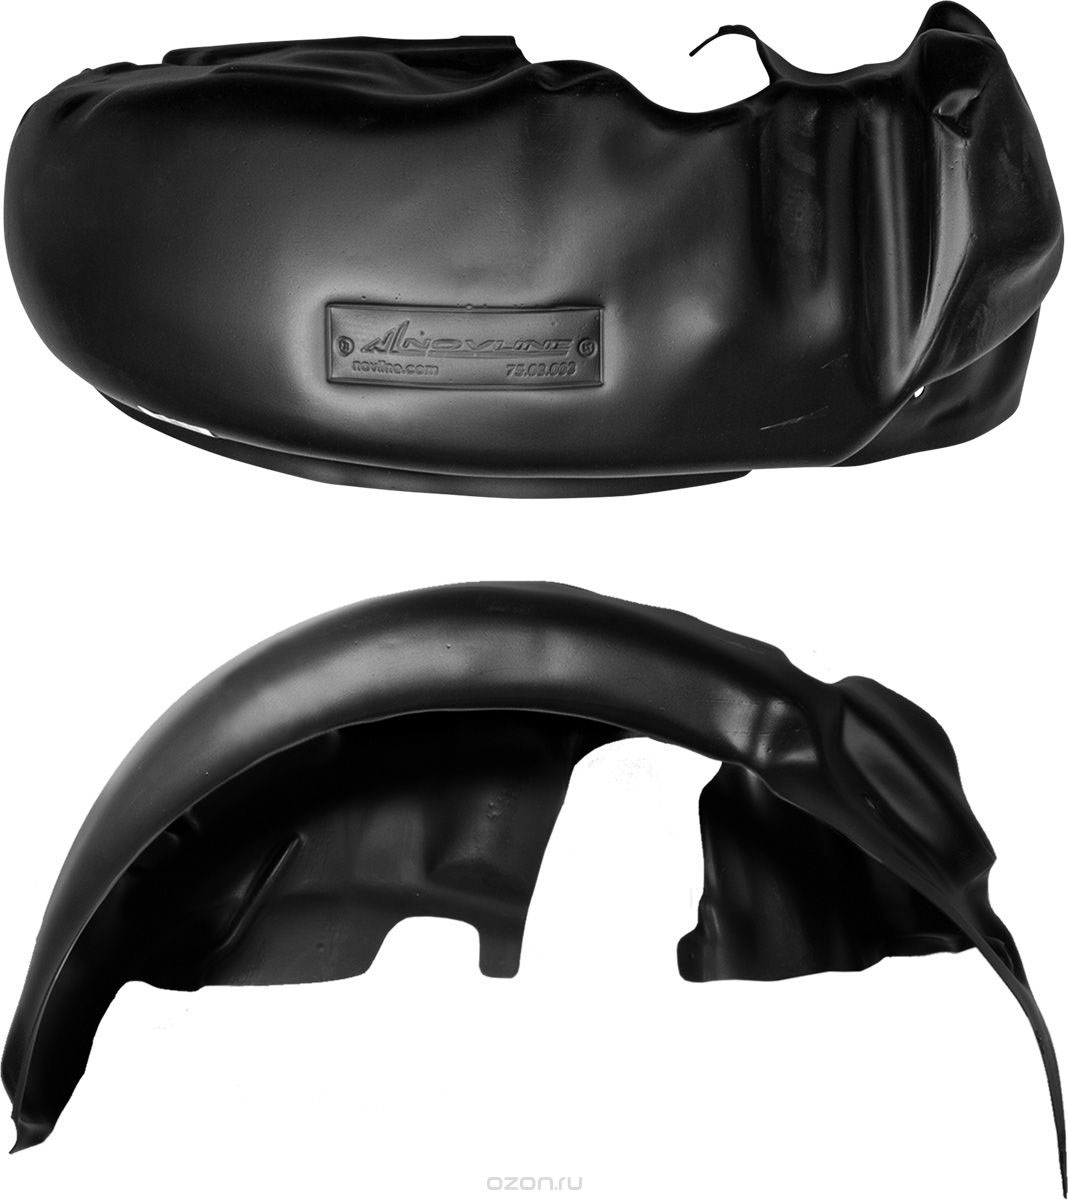 Подкрылок Novline-Autofamily, для Toyota Land Cruiser Prado, 01/2003-2009, передний правыйNLL.48.01.002Идеальная защита колесной ниши. Локеры разработаны с применением цифровых технологий, гарантируют максимальную повторяемость поверхности арки. Изделия устанавливаются без нарушения лакокрасочного покрытия автомобиля, каждый подкрылок комплектуется крепежом. Уважаемые клиенты, обращаем ваше внимание, что фотографии на подкрылки универсальные и не отражают реальную форму изделия. При этом само изделие идет точно под размер указанного автомобиля.